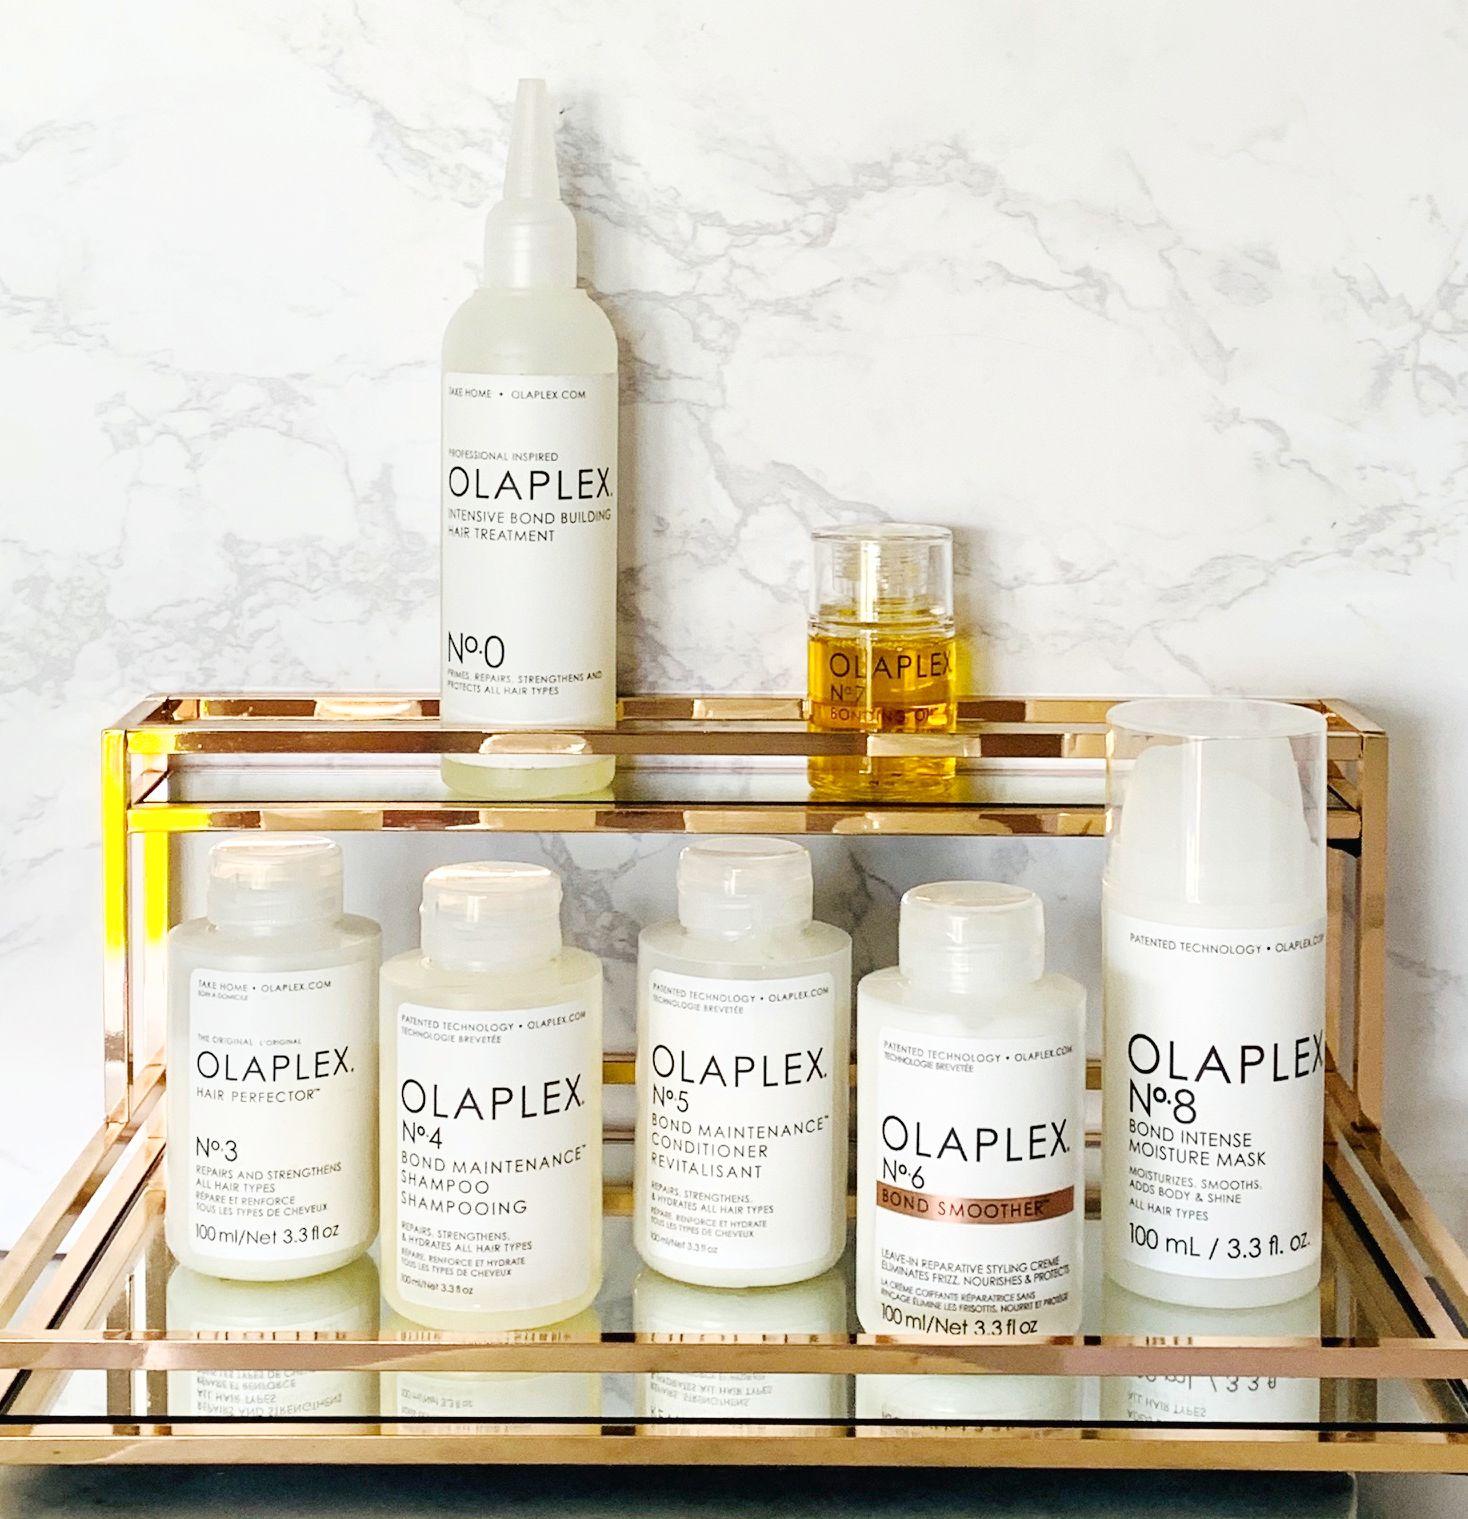 Brand Focus: Olaplex